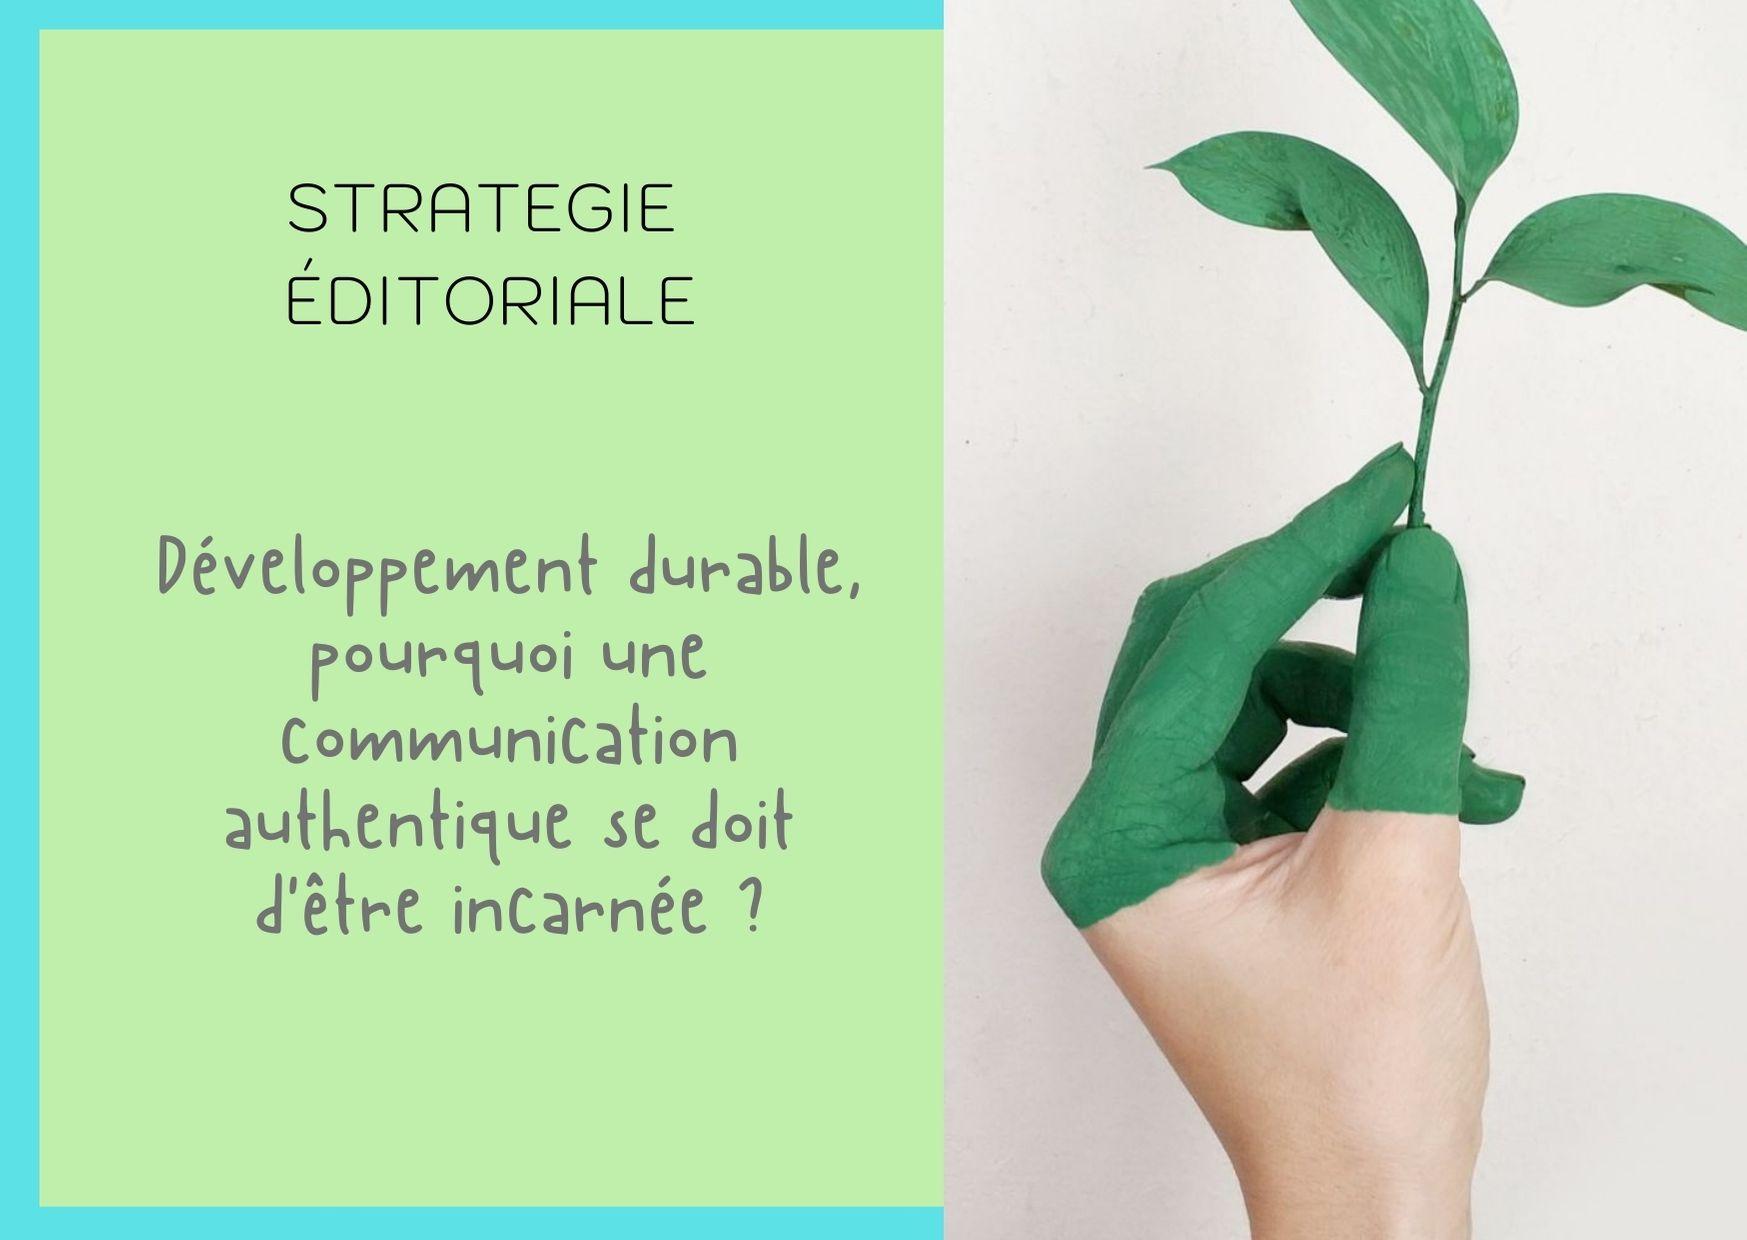 Développement durable incarner sa communication et la partager